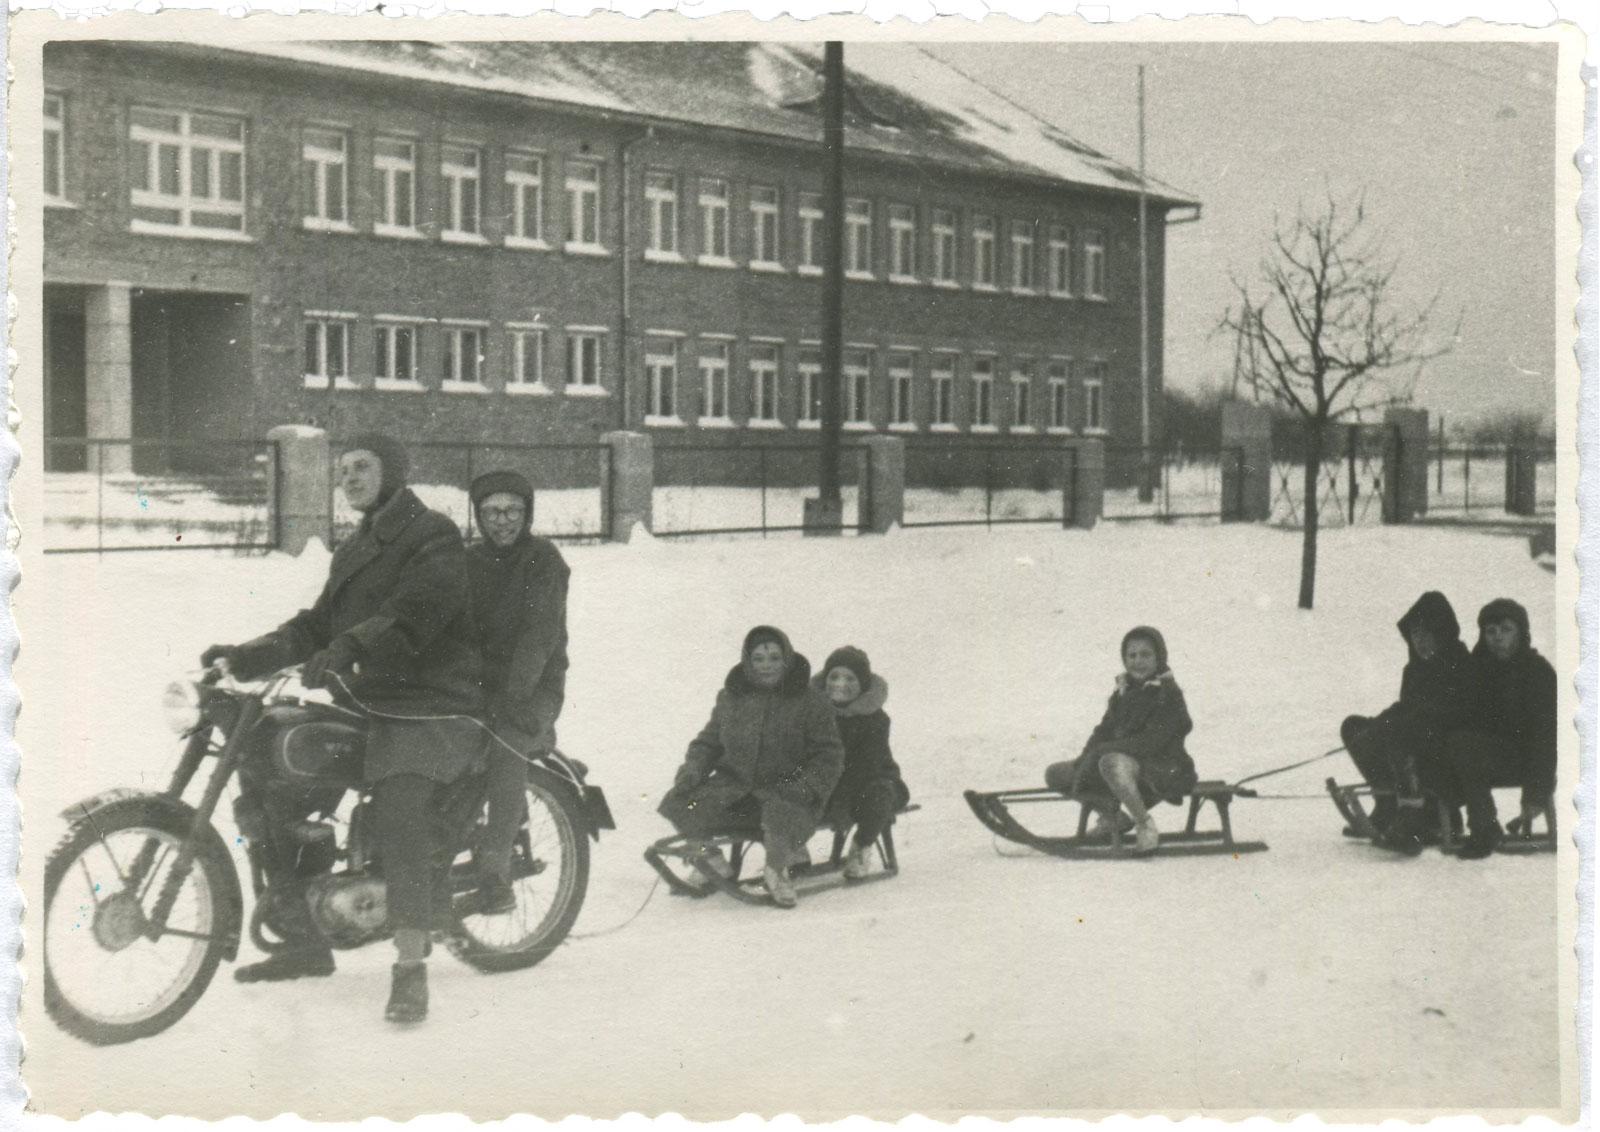 Kórnik, ul. Dworcowa, Szkoła Podstawowa nr 1 - 1960